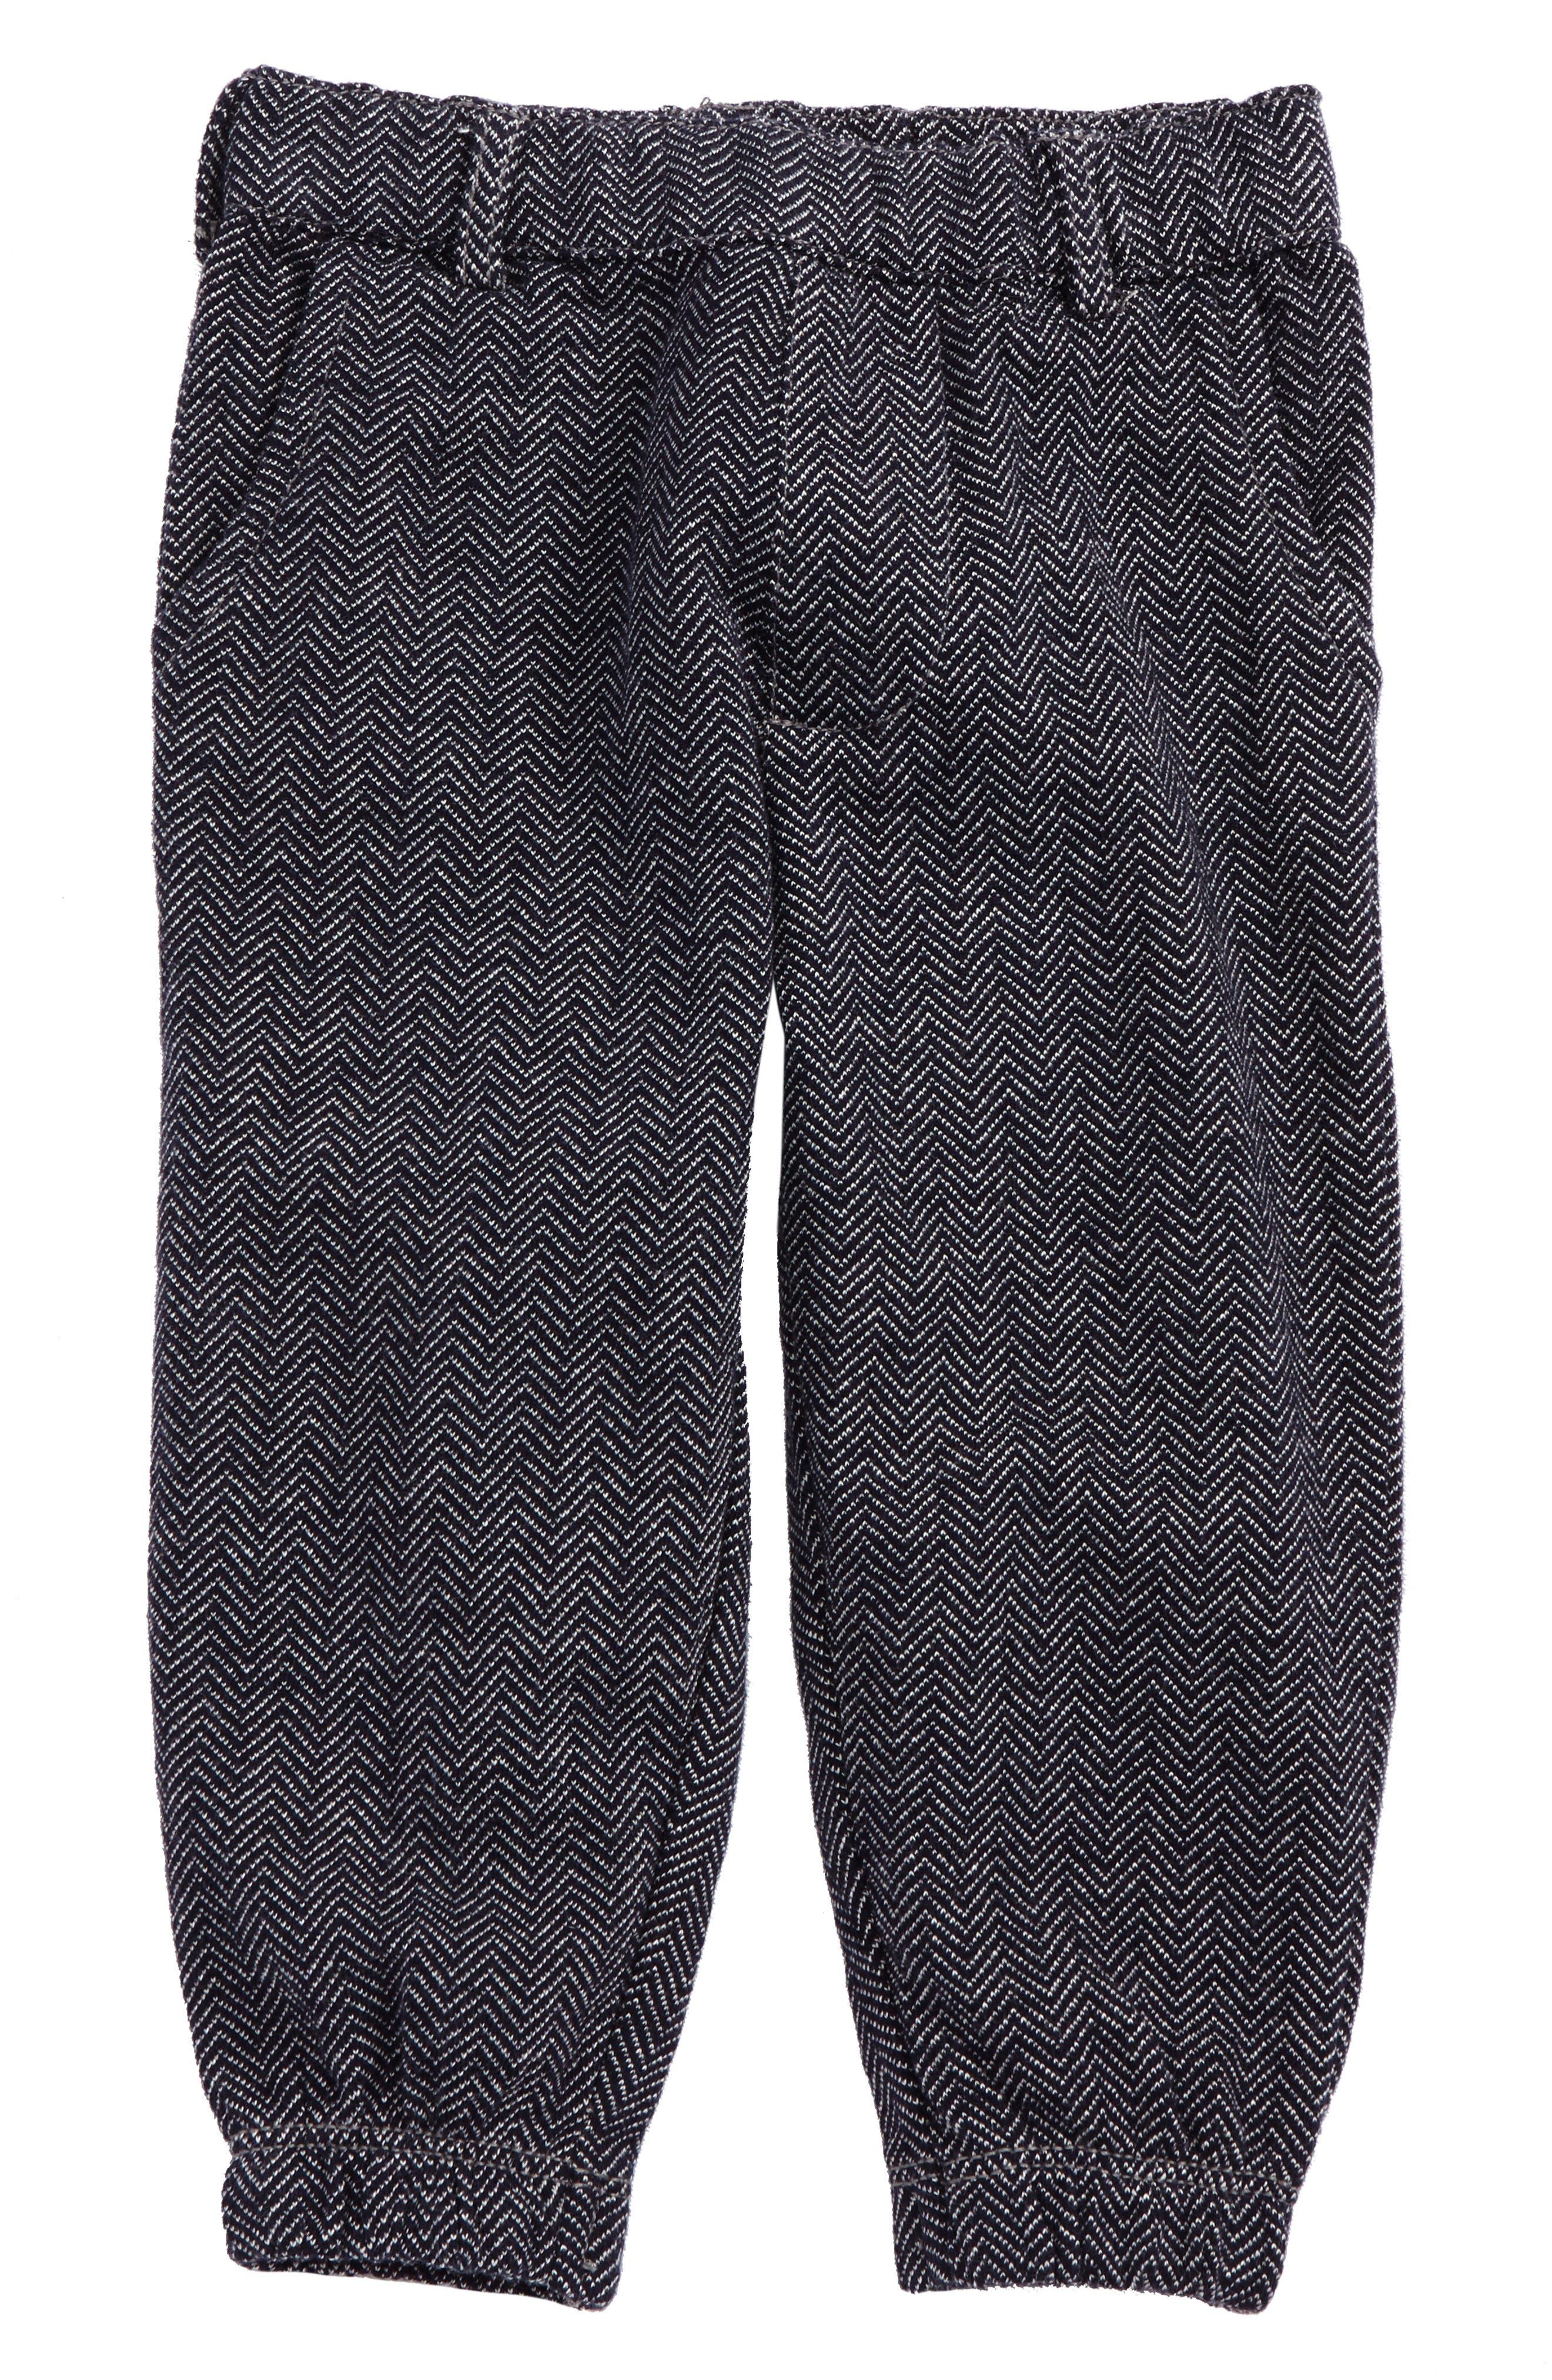 Peek Herringbone Jogger Pants (Baby Boys)